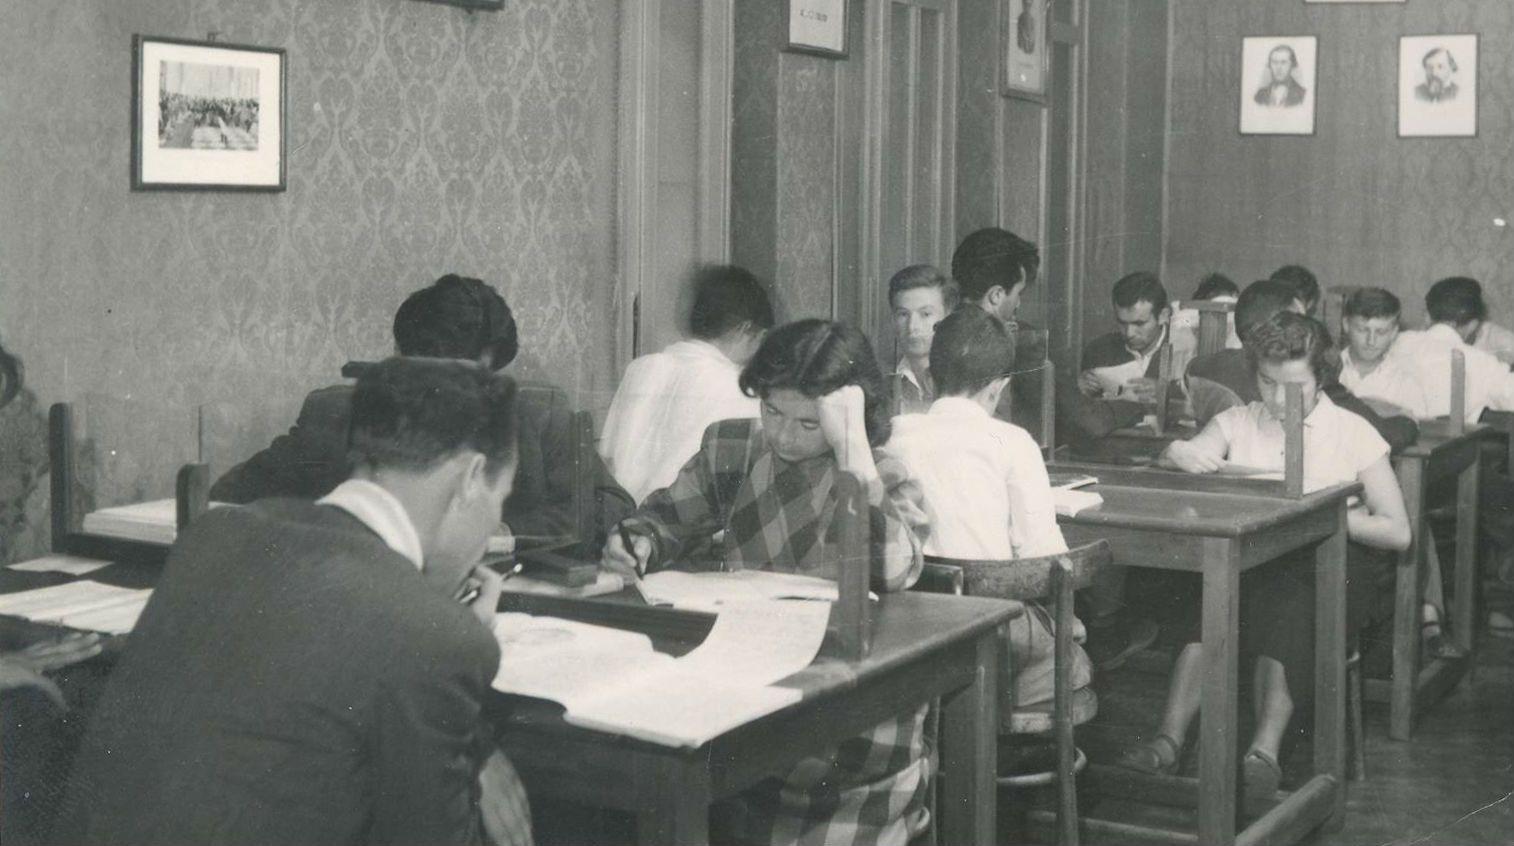 Një nga sallat e vjetra të leximit